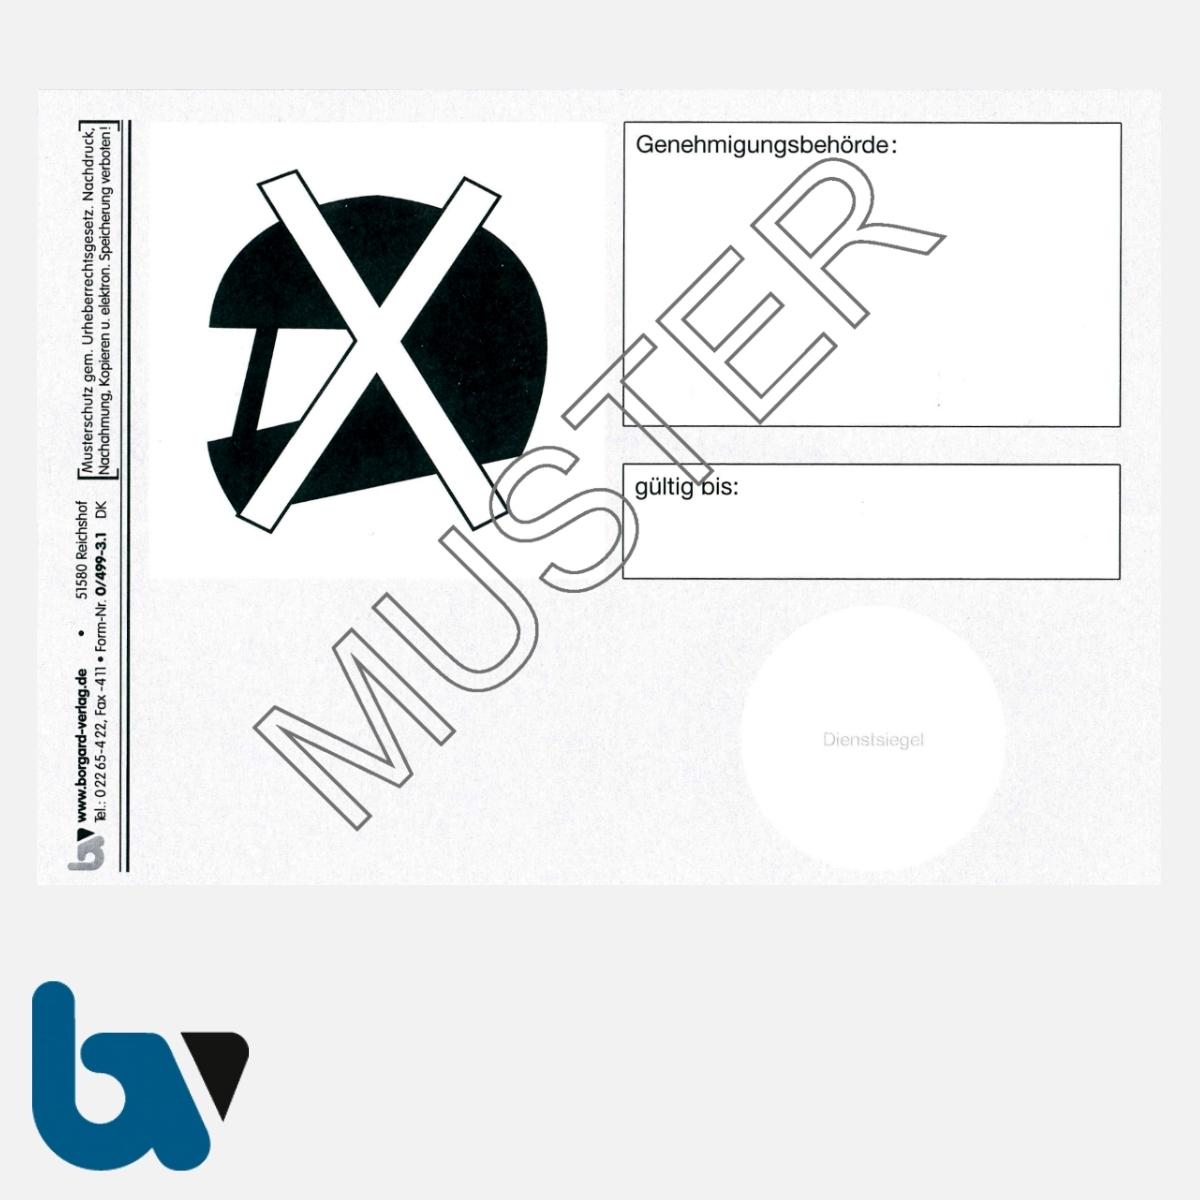 0/499-3.1 Ausweis Ausnahmegenehmigung 46 Straßenverkehrsordnung StVO Befreiung Helmpflicht Karte DIN A6 VS | Borgard Verlag GmbH